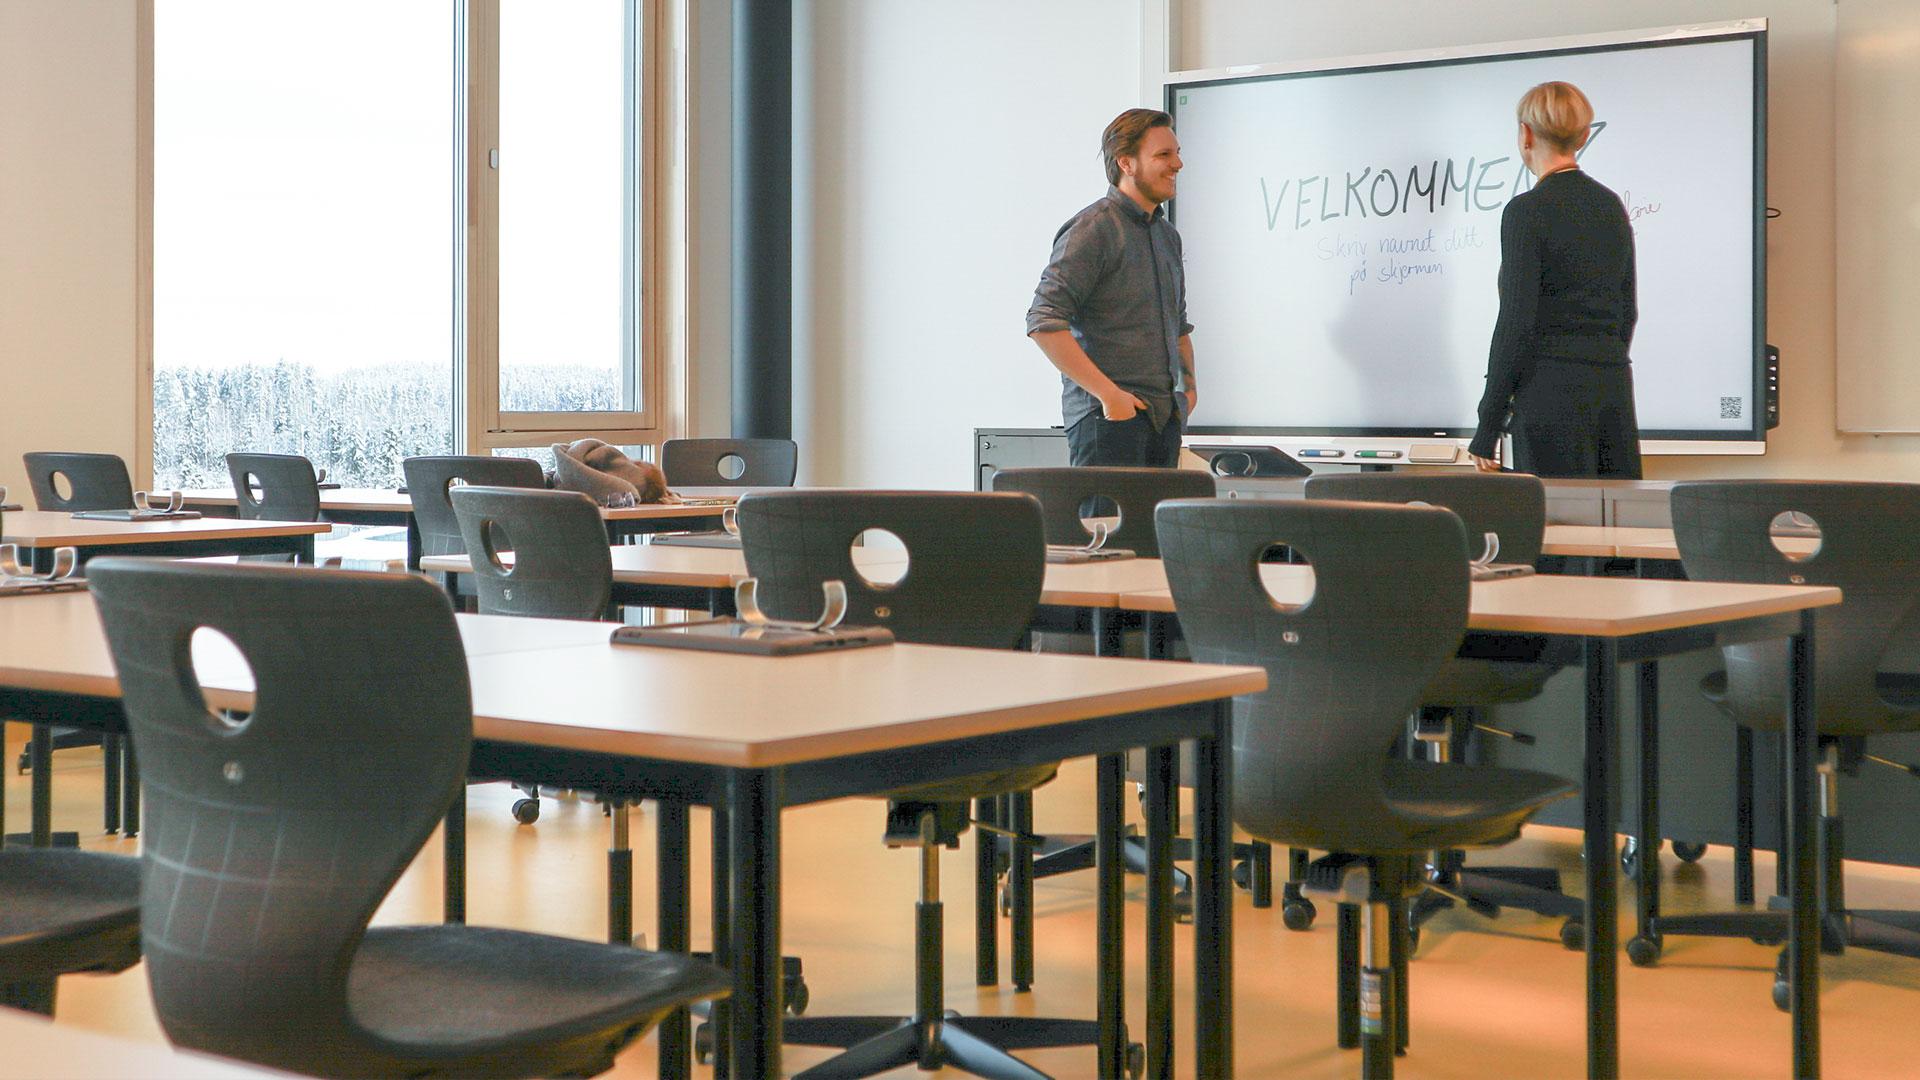 Gystadmarka Ungdomsskole Ullensaker smartboard smart board referansecase